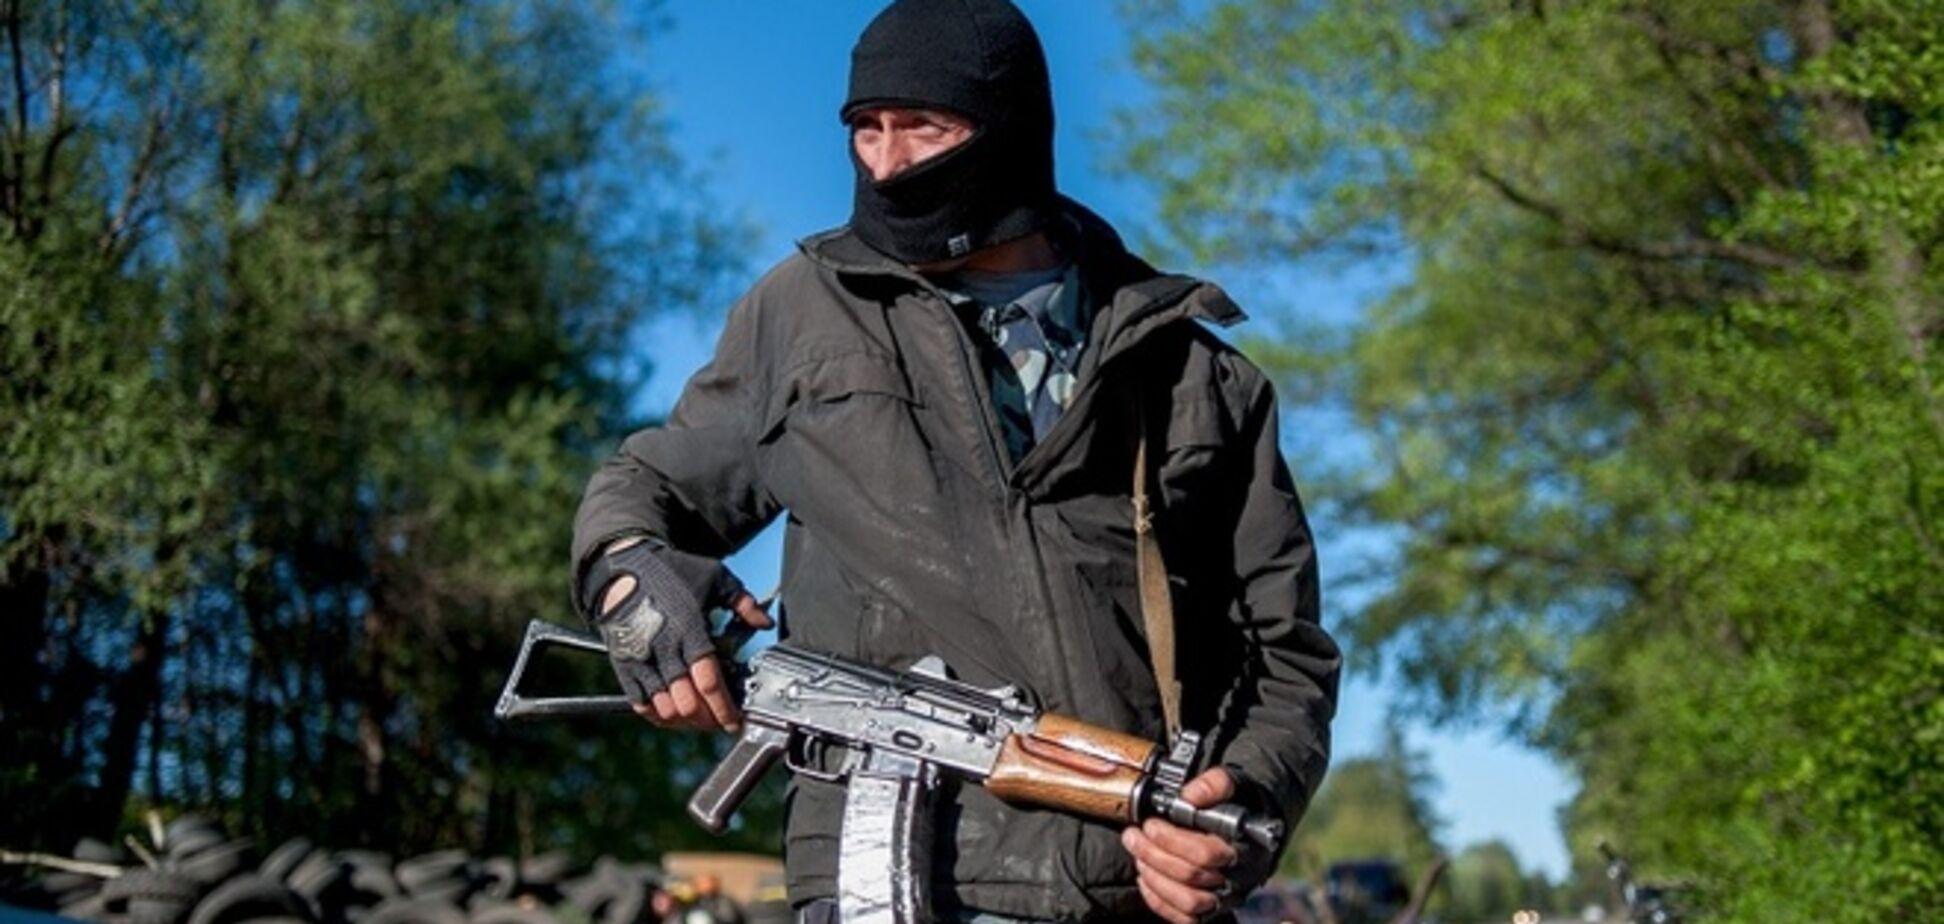 Среди пленников Донецкой ОГА - молодой медик, которому террористы перебили конечности